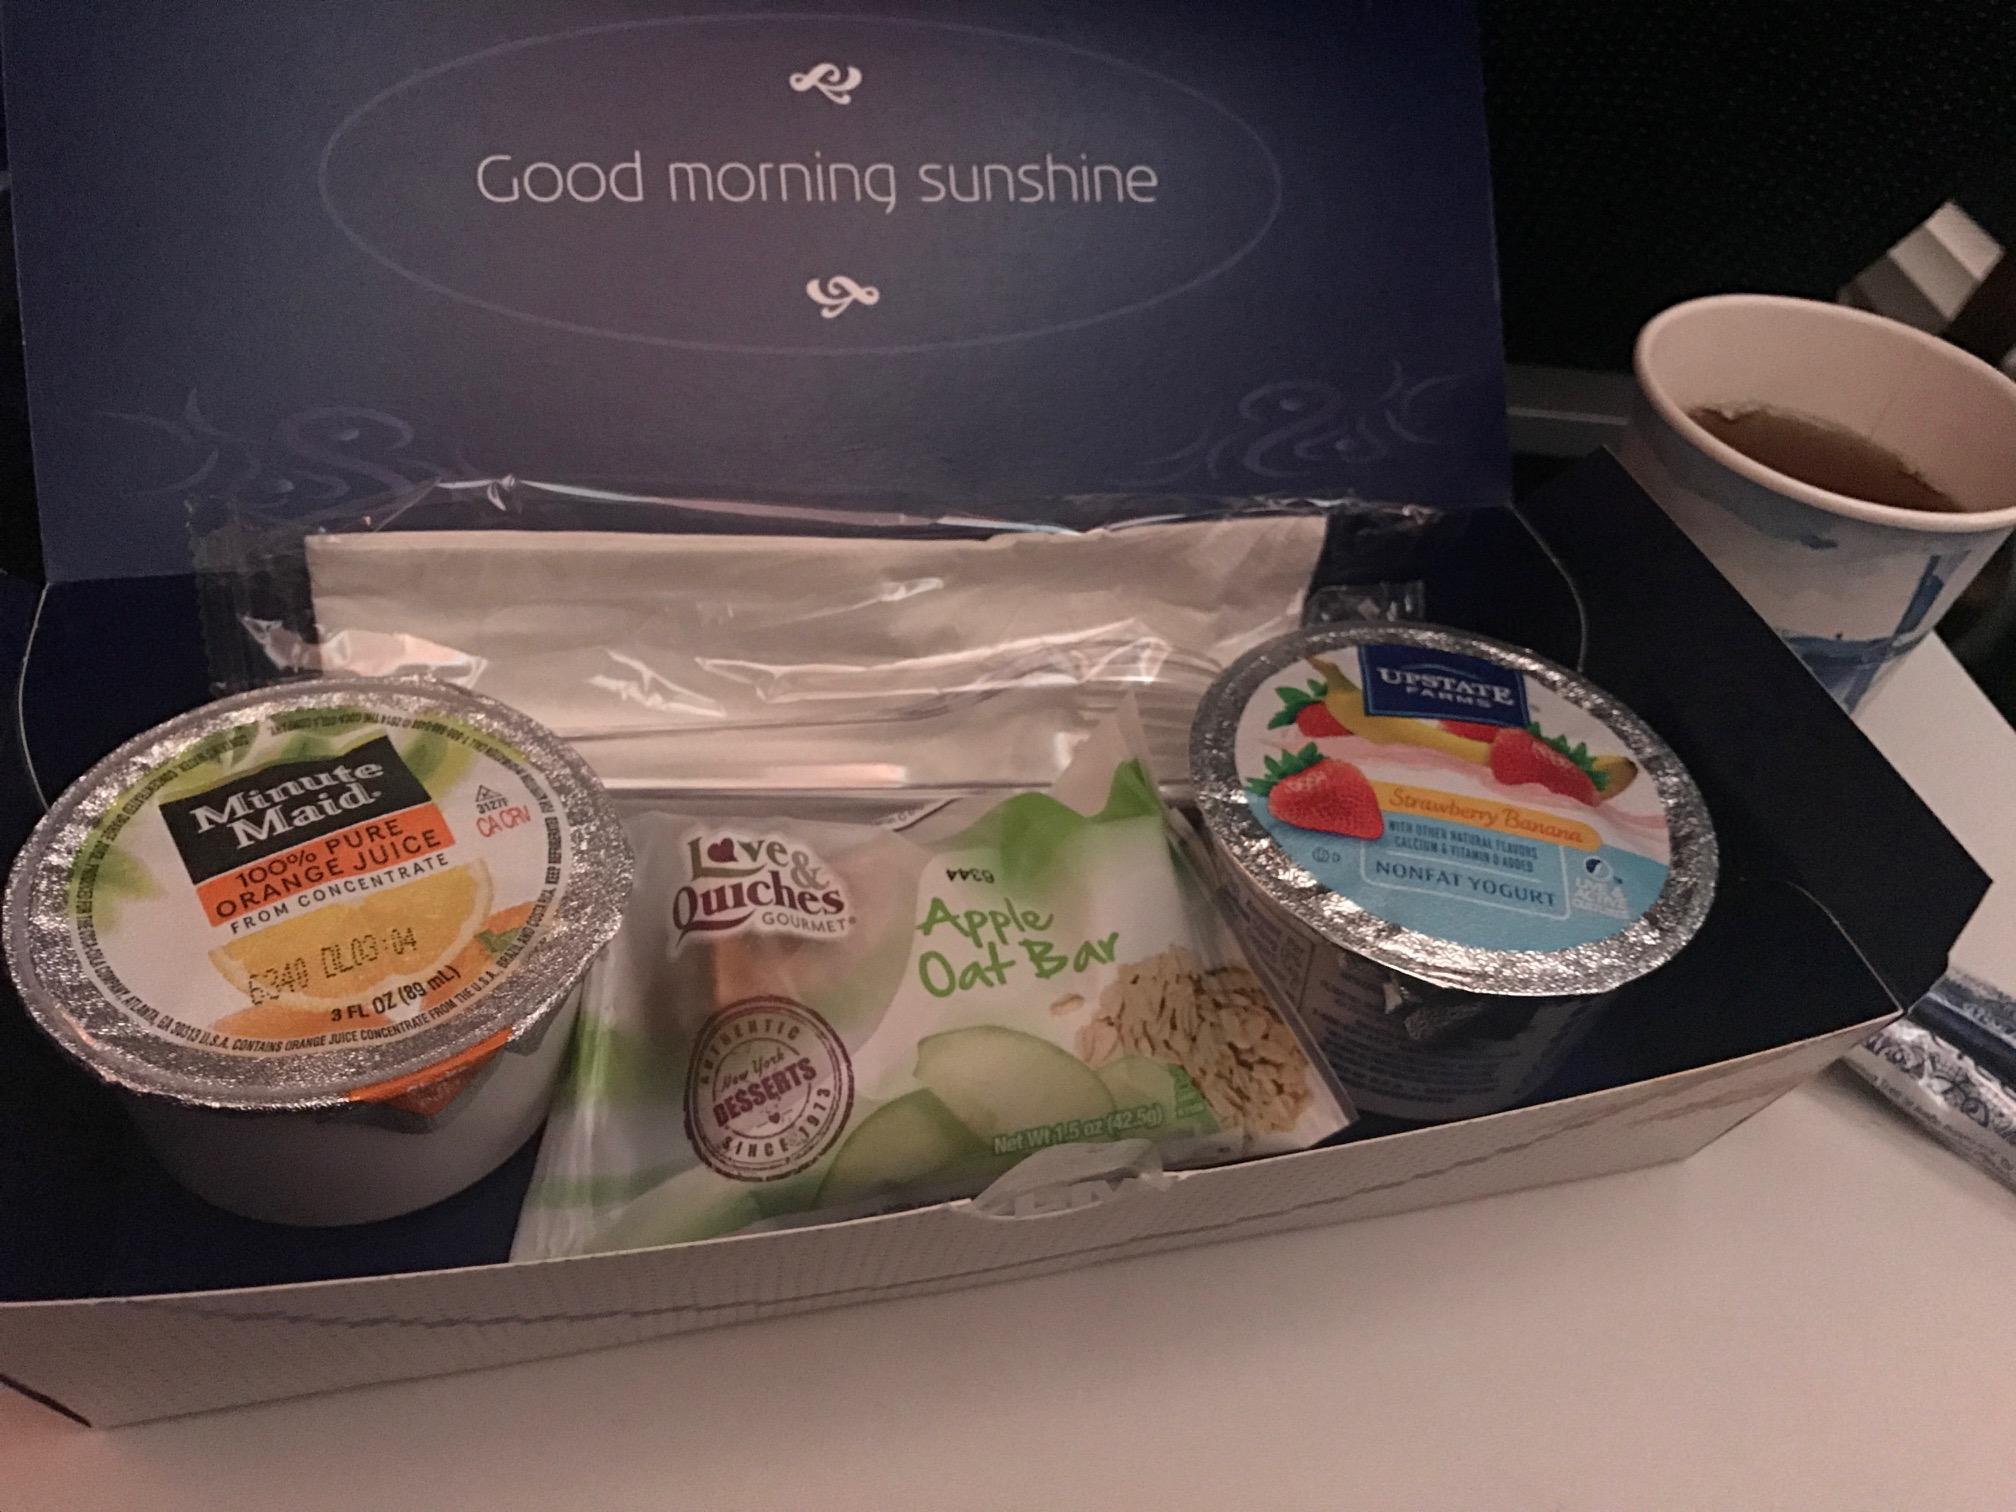 KLM breakfast